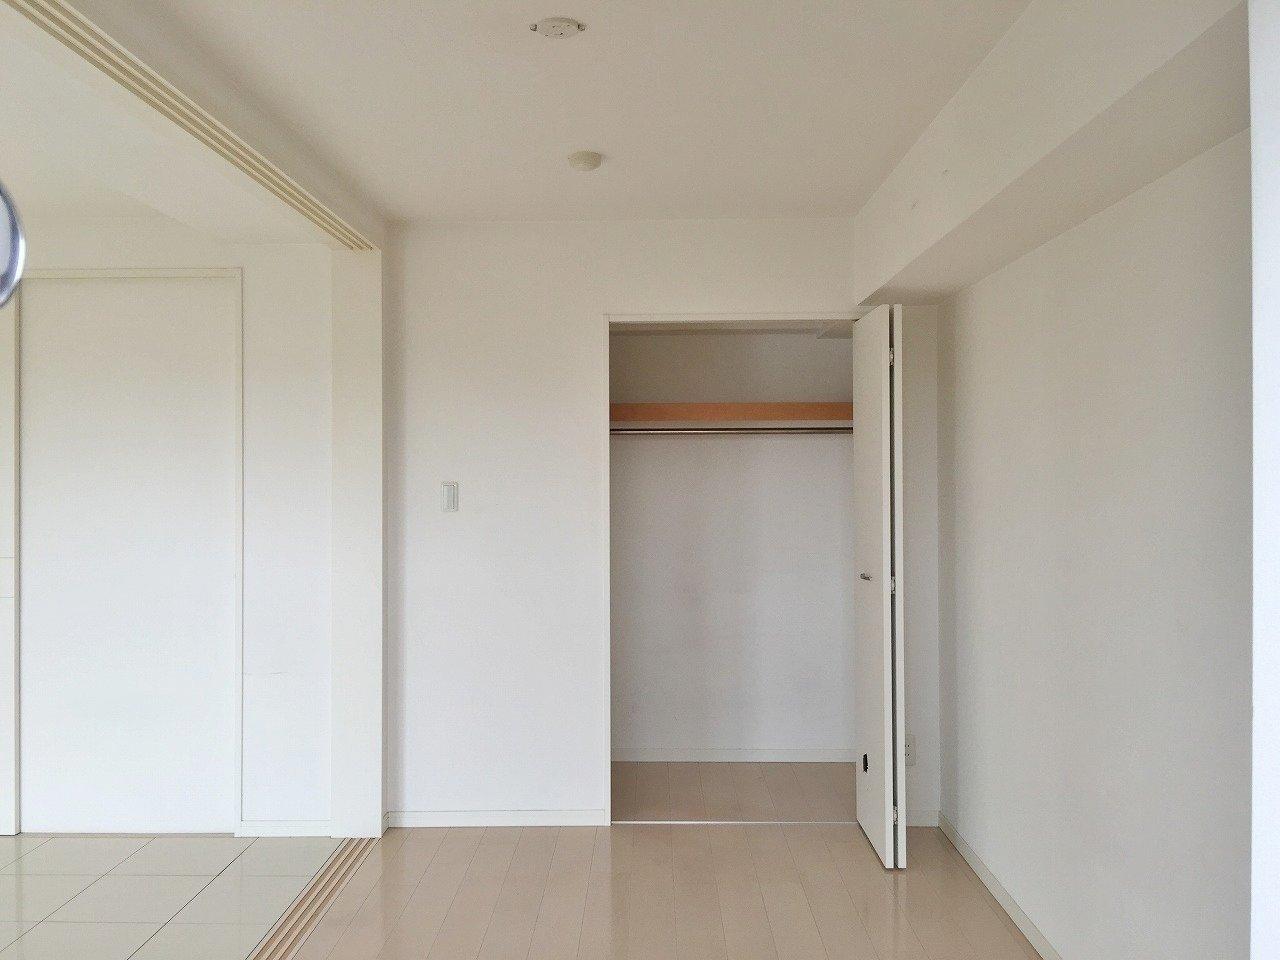 エアコンはそれぞれの部屋に1台ずつ取り付けられています。これから暑くなる季節にも、うれしい設備ですね。